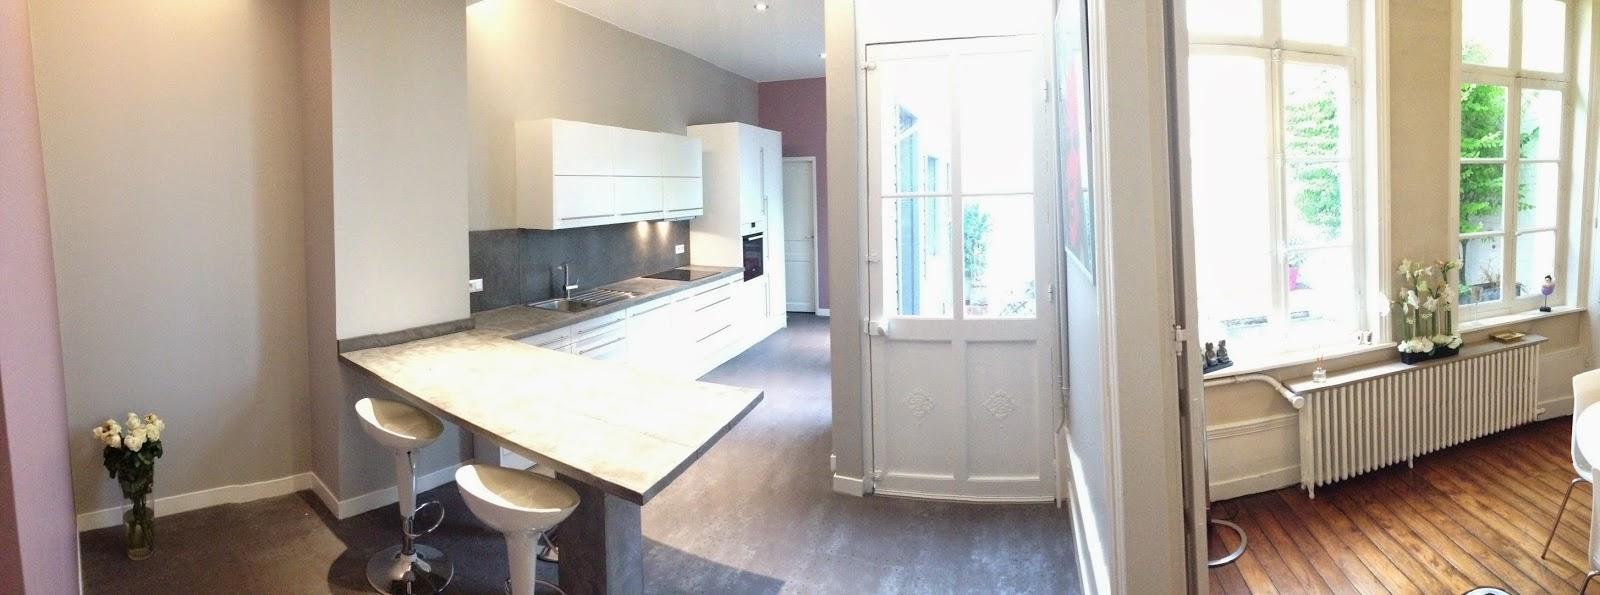 Jacques lenain architecte lille: renovation d'une maison a douai